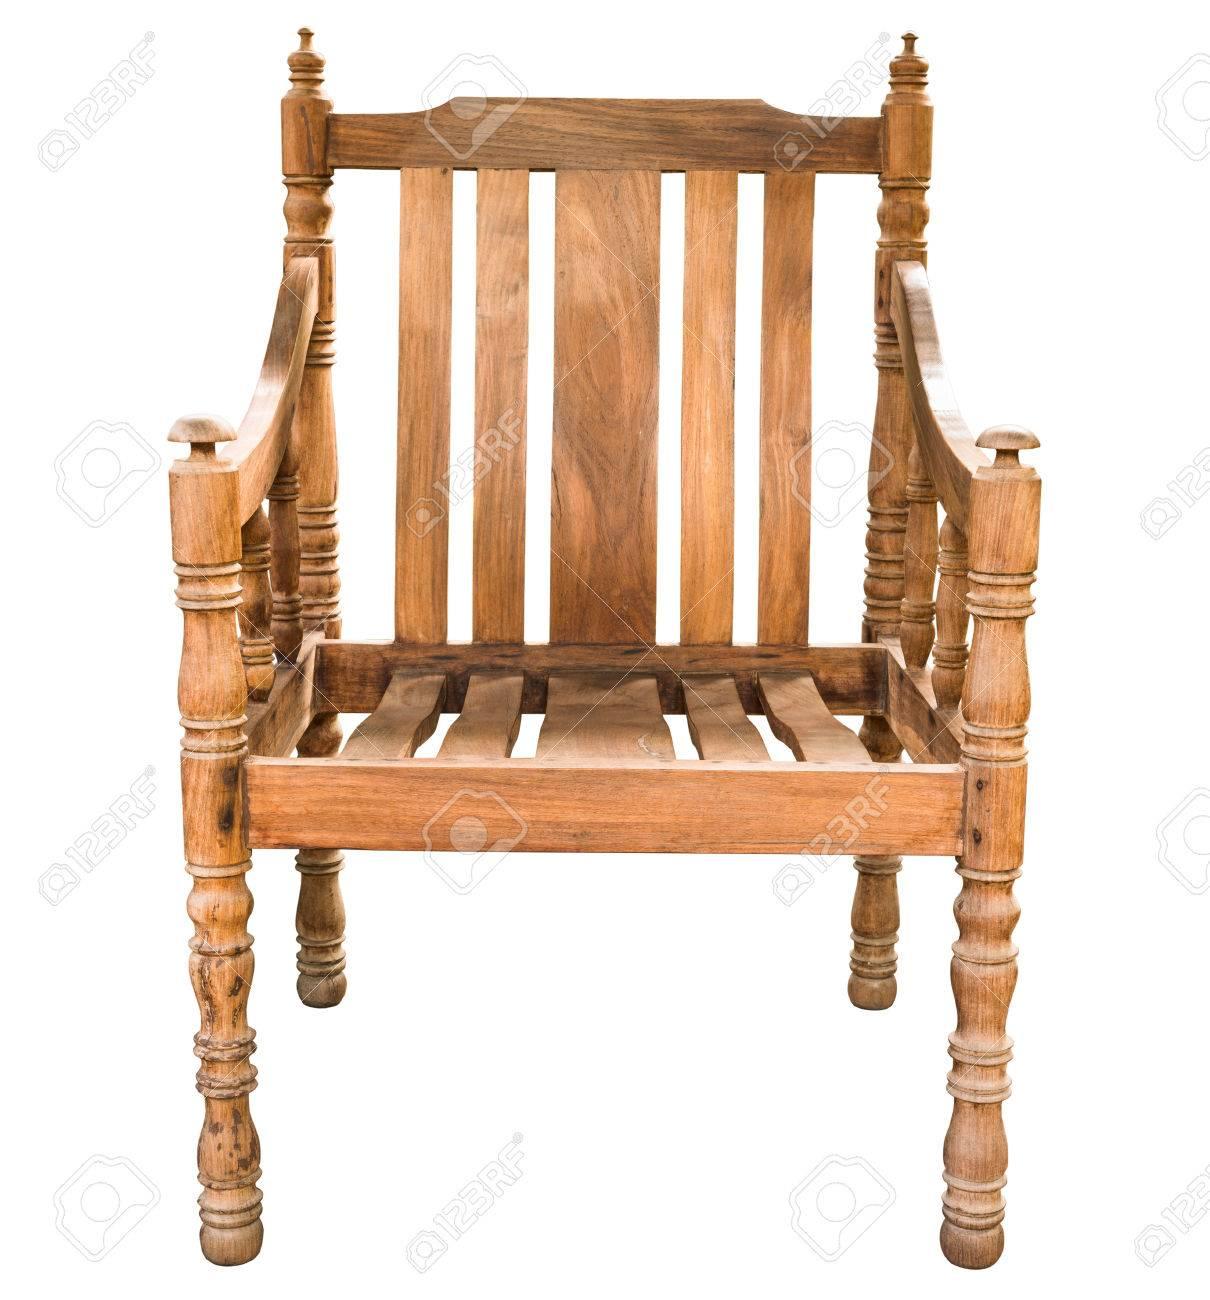 fauteuil en bois de style ancien et vintage fabriques a partir de bois de rose ou de la thailande siamois rosewood ou dalbergia cochinchinensis pierre